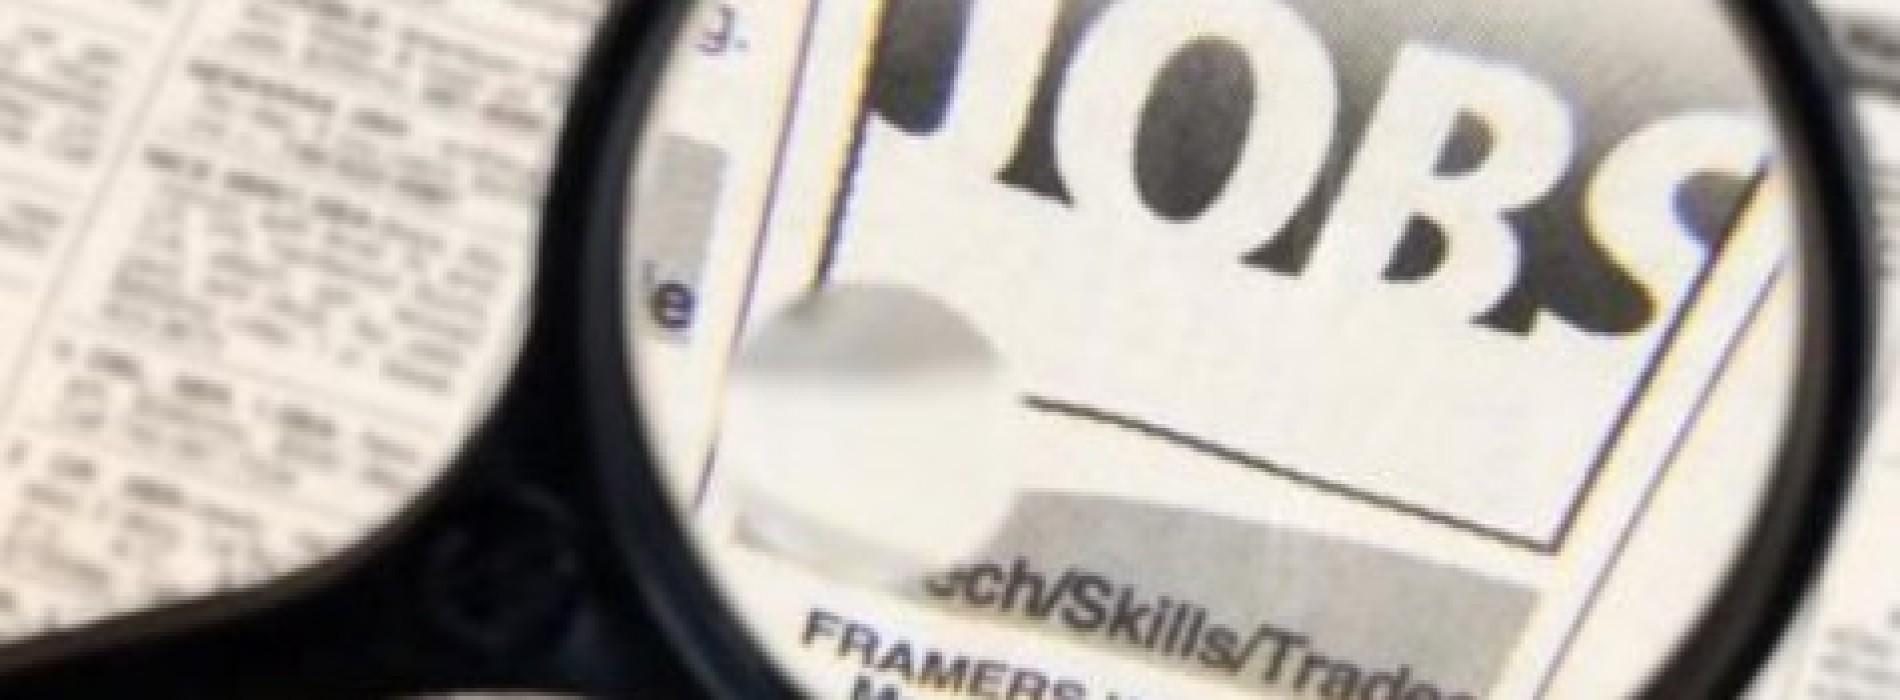 Czy mówić pracodawcy o nowych ofertach zatrudnienia?